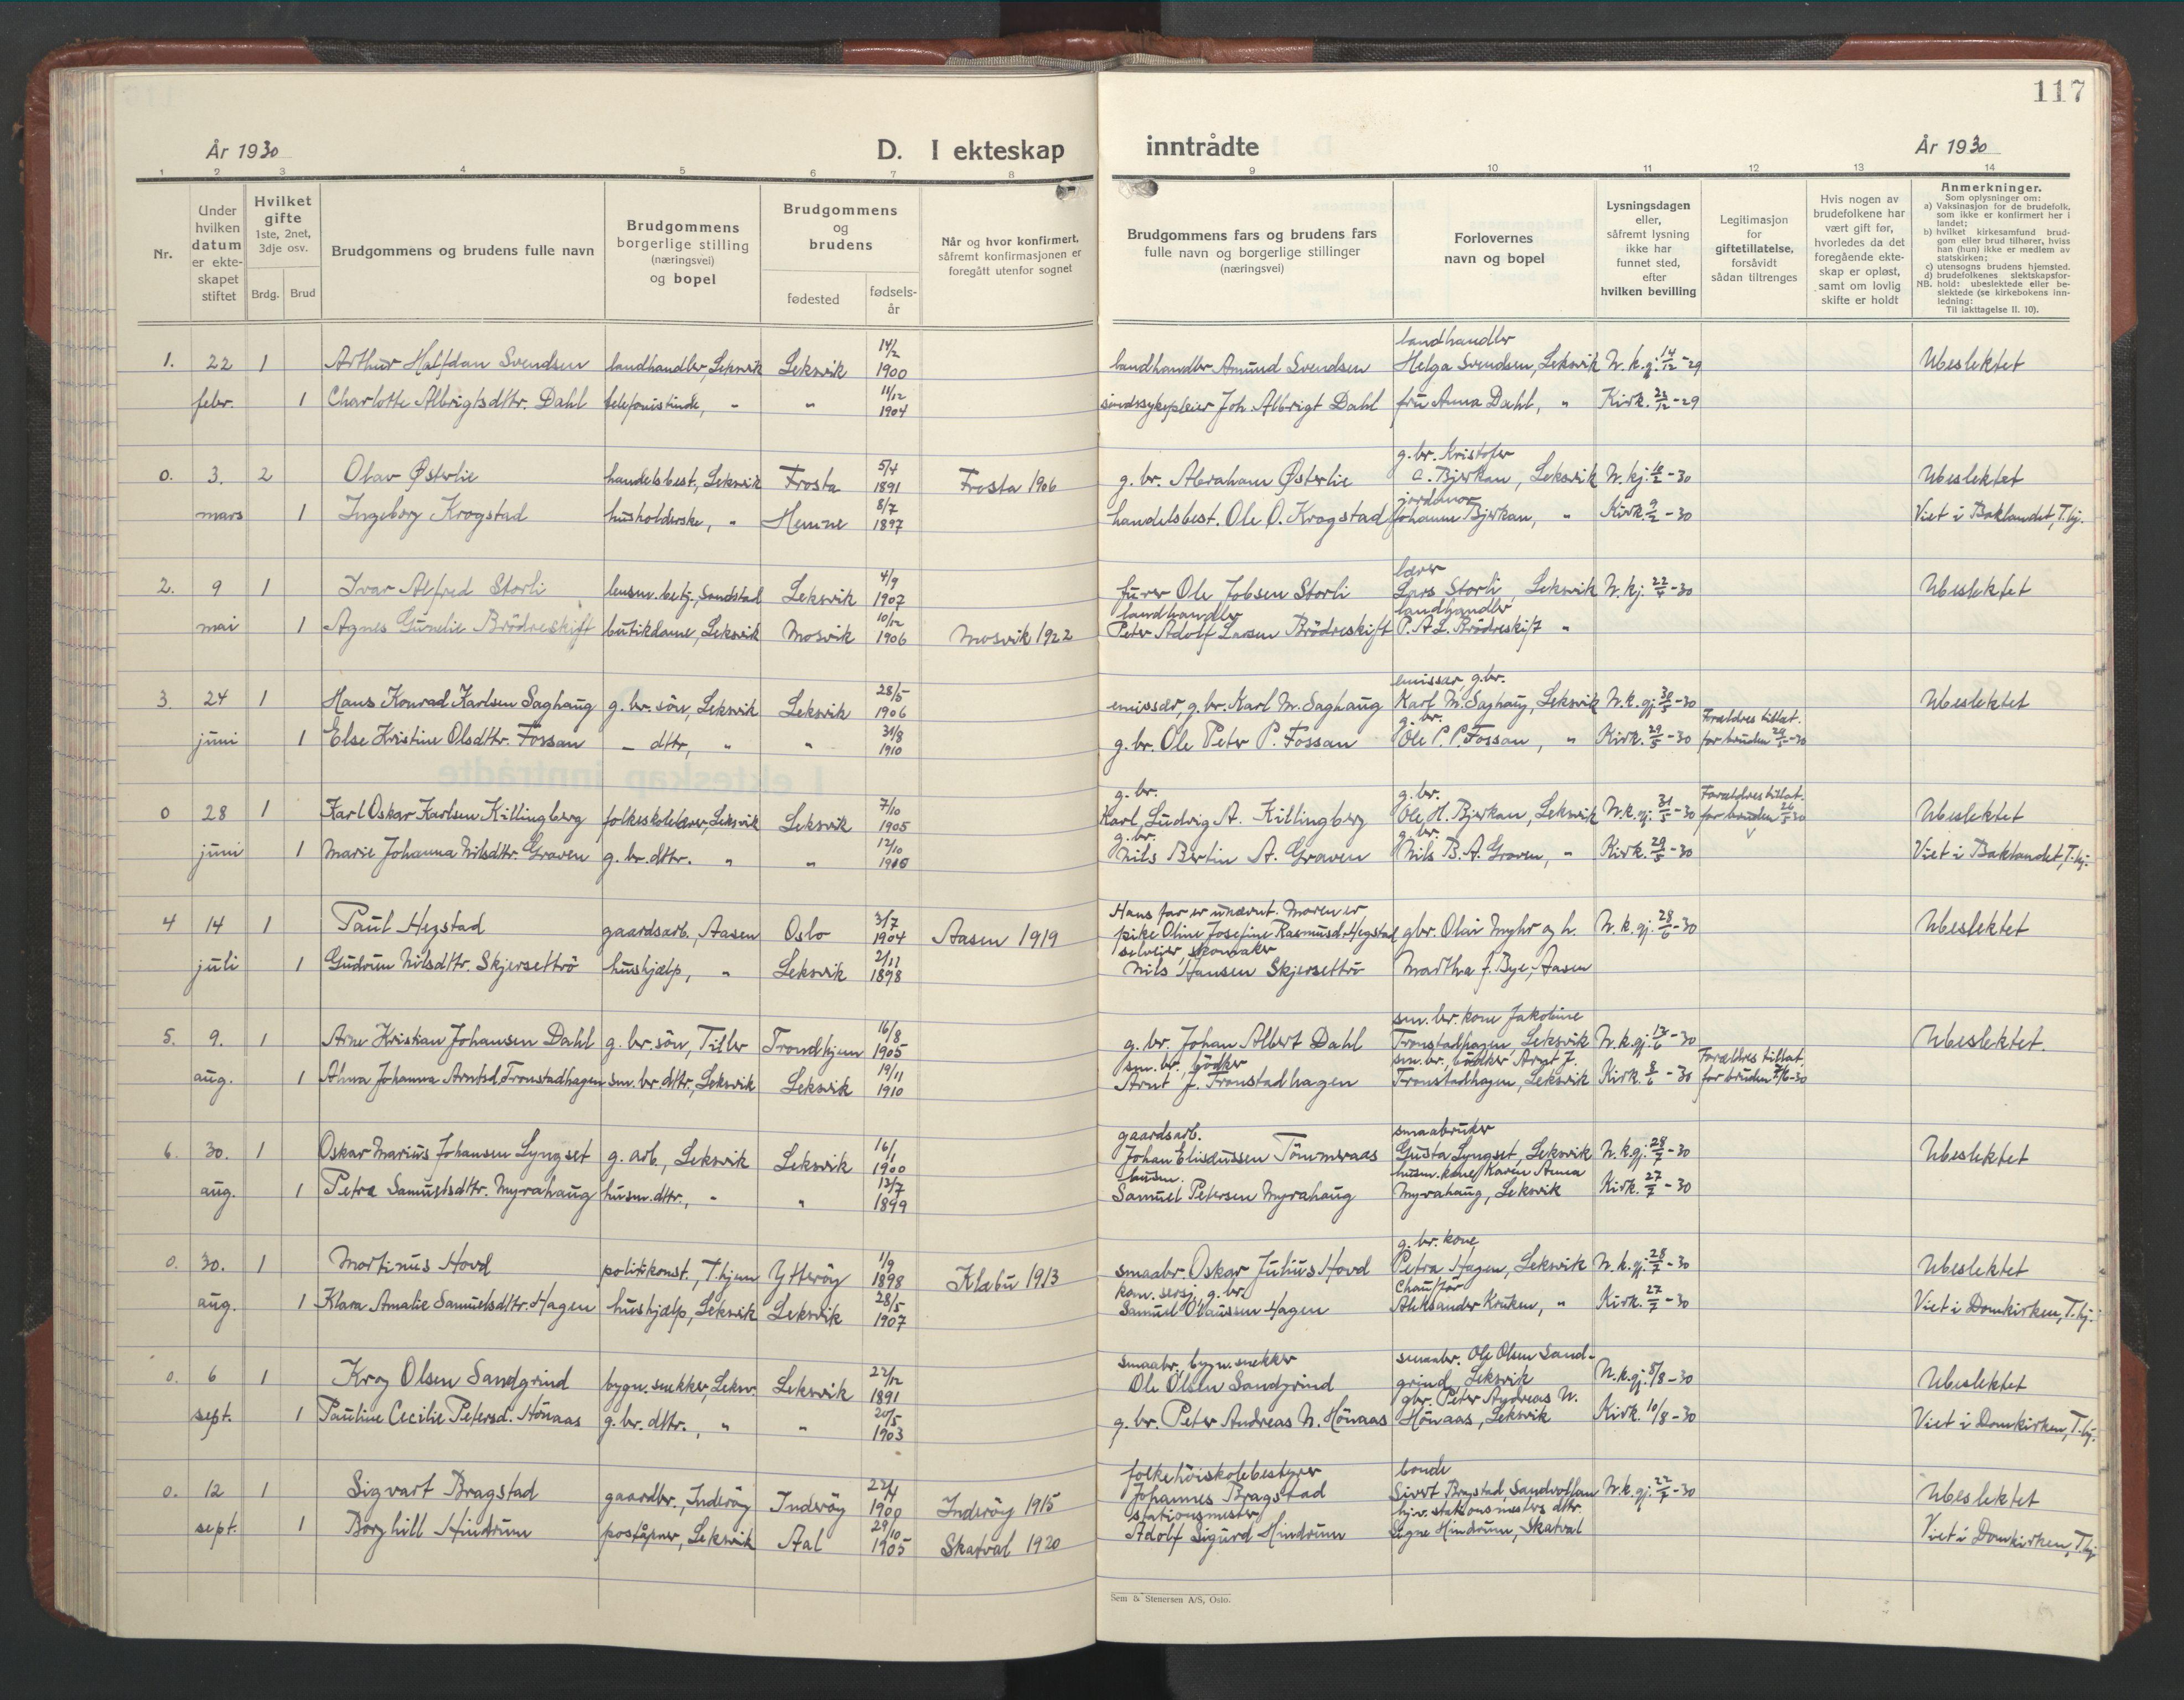 SAT, Ministerialprotokoller, klokkerbøker og fødselsregistre - Nord-Trøndelag, 701/L0019: Klokkerbok nr. 701C03, 1930-1953, s. 117